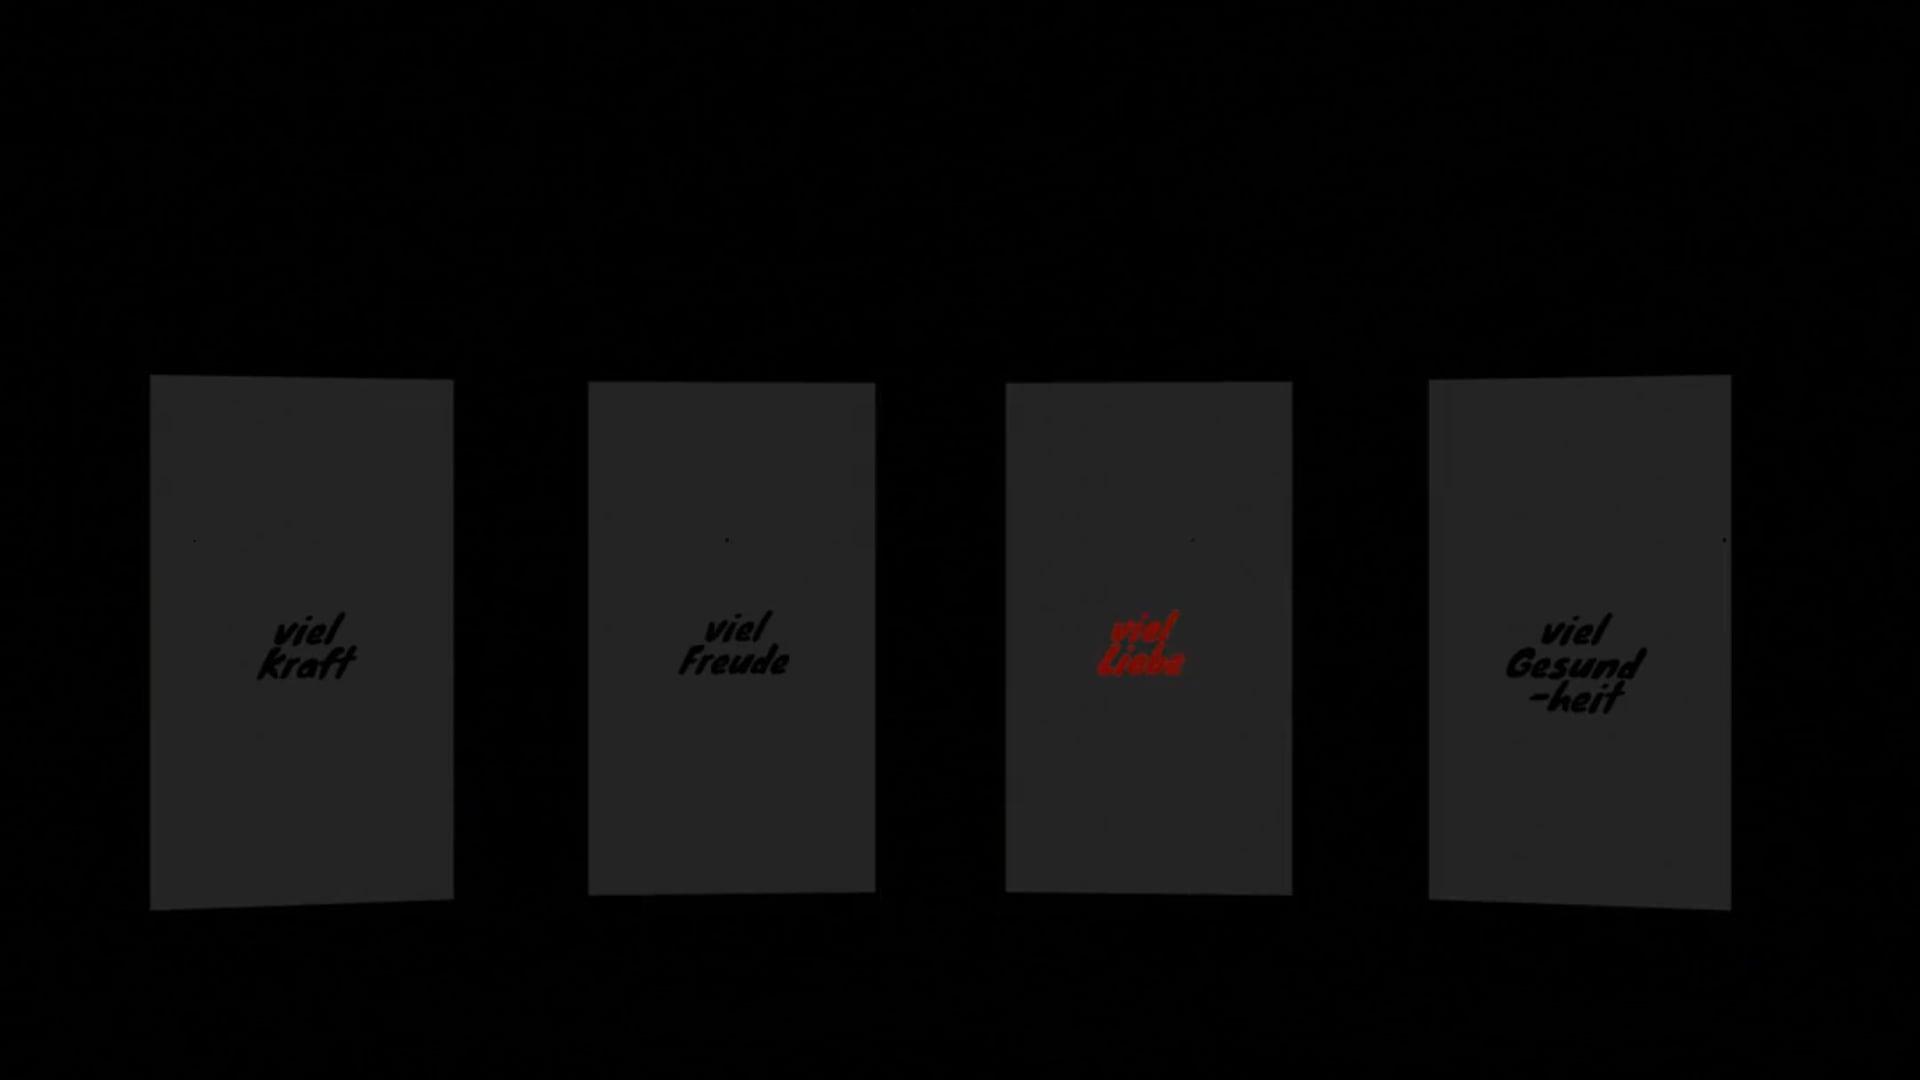 episch himmlisch digitale Handy 3D Gruß Worte dramatisch animiert zu mehr Bedeutung mit Sounddesign & Music by Jonas Grauer